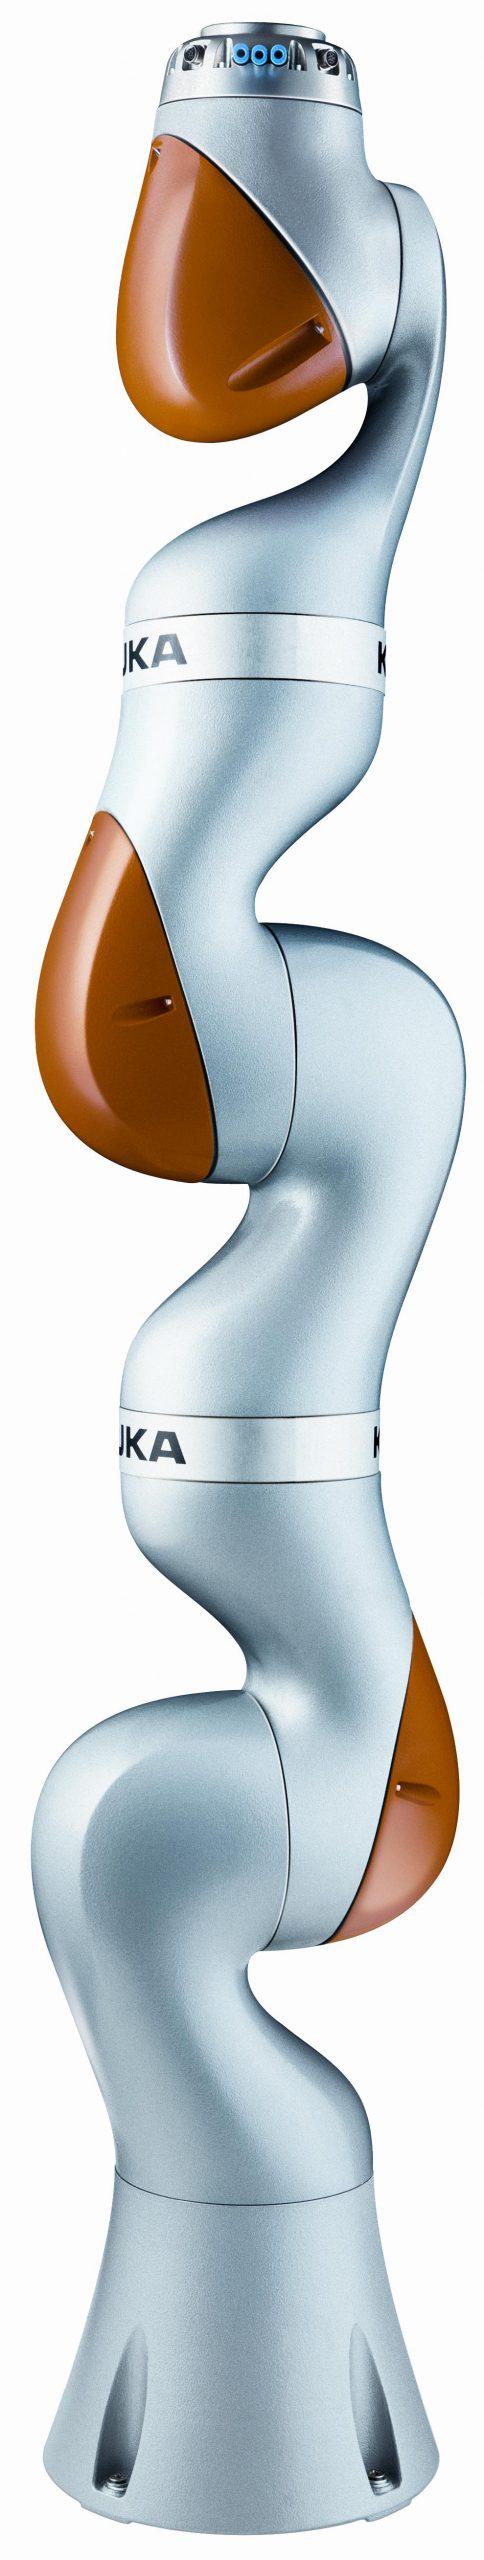 KUKA LBR iiwa 14 R820-10